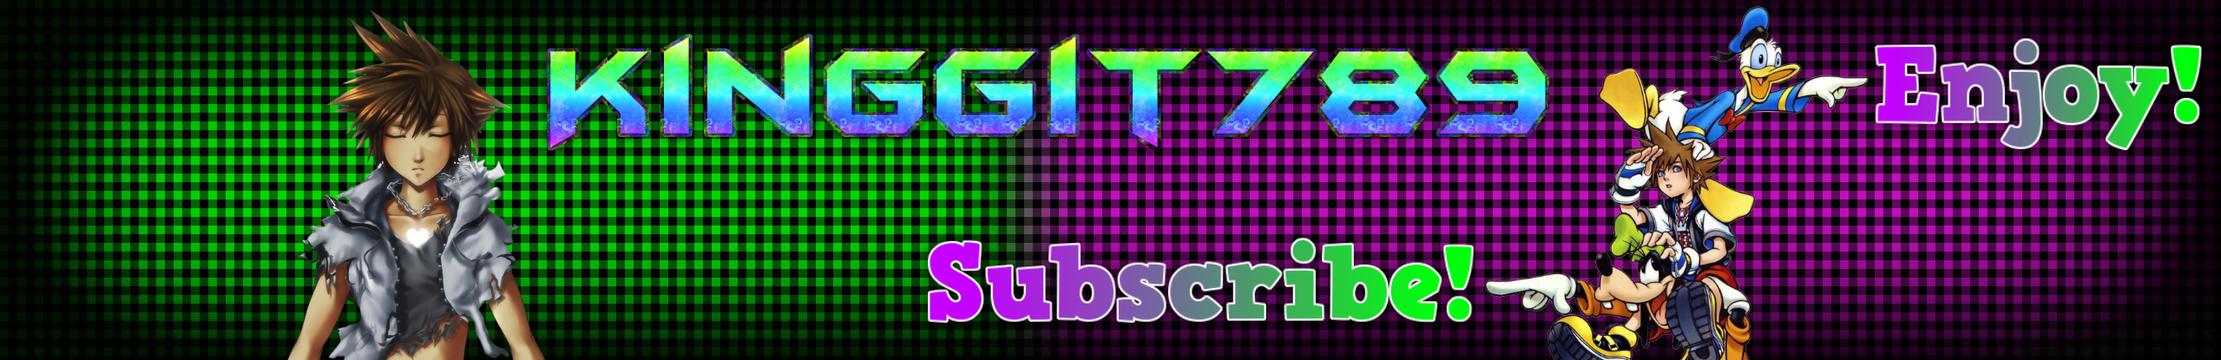 Kinggit789's YouTube Channel Art Edit by Kinggit789